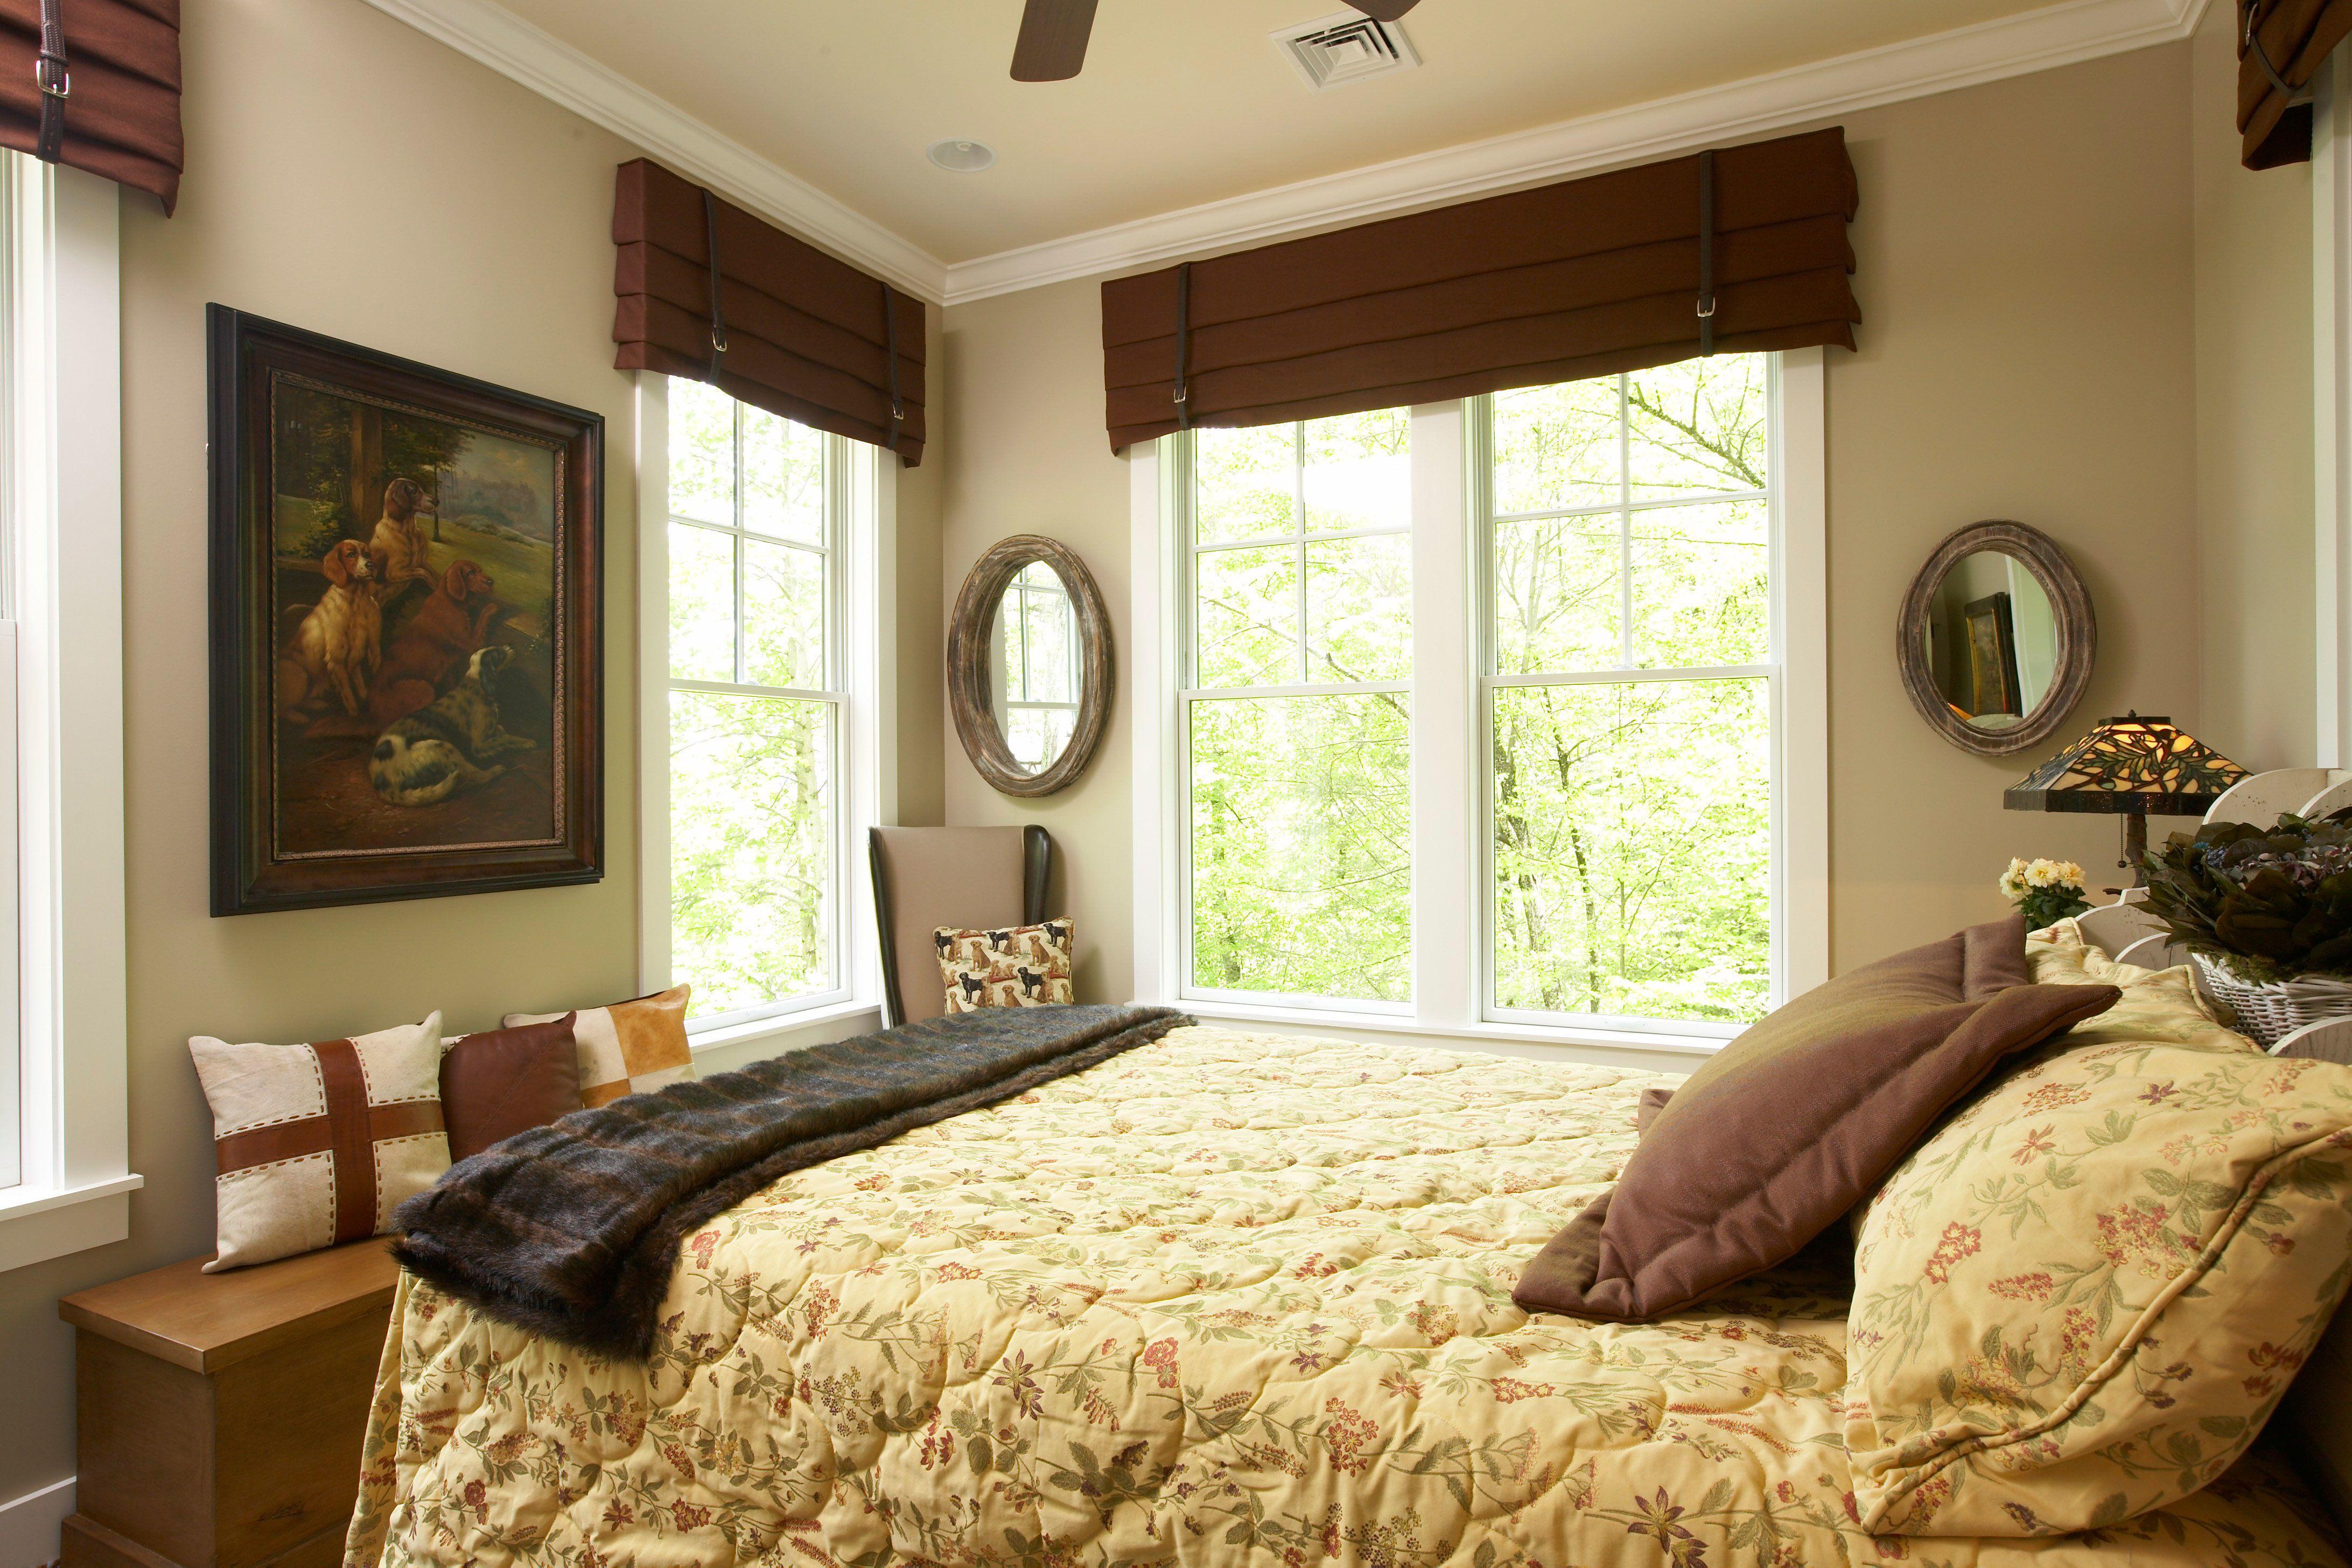 Bedroom window ideas  cornice  window ideas  pinterest  bedroom window treatments